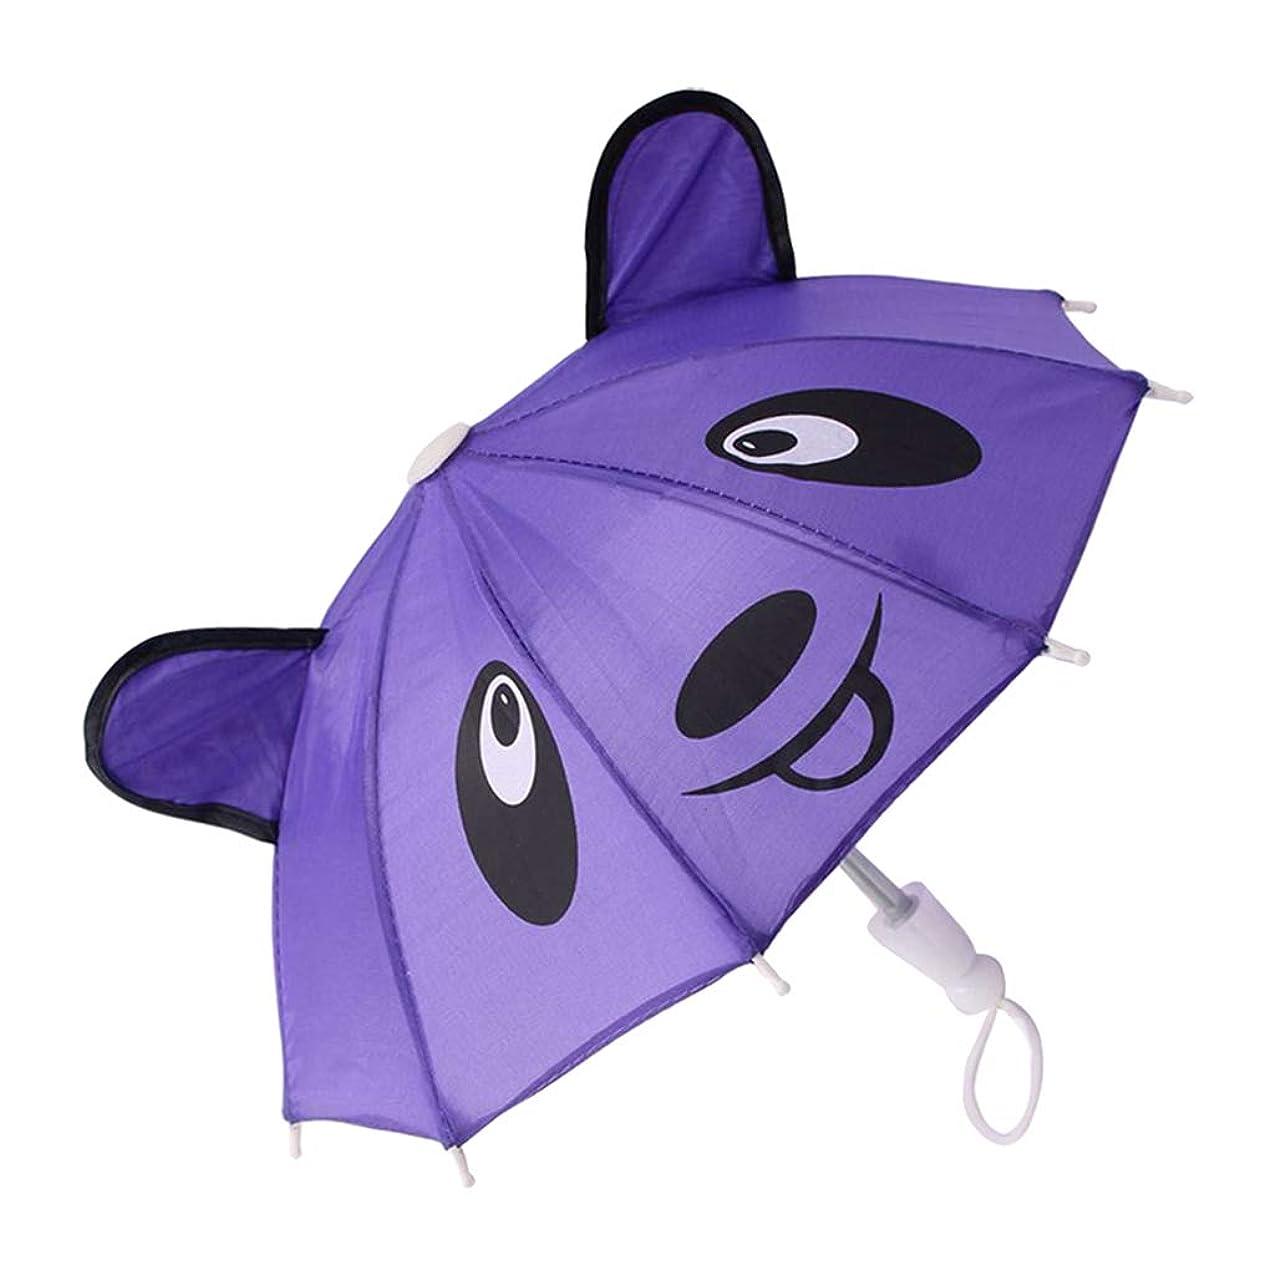 可塑性評価する国籍SM SunniMix かわいい 人形用 傘 18インチドール傘 ミニ傘 撮影 装飾 ドール フィギア 飾り アンブレラ アクセサリ 紫の